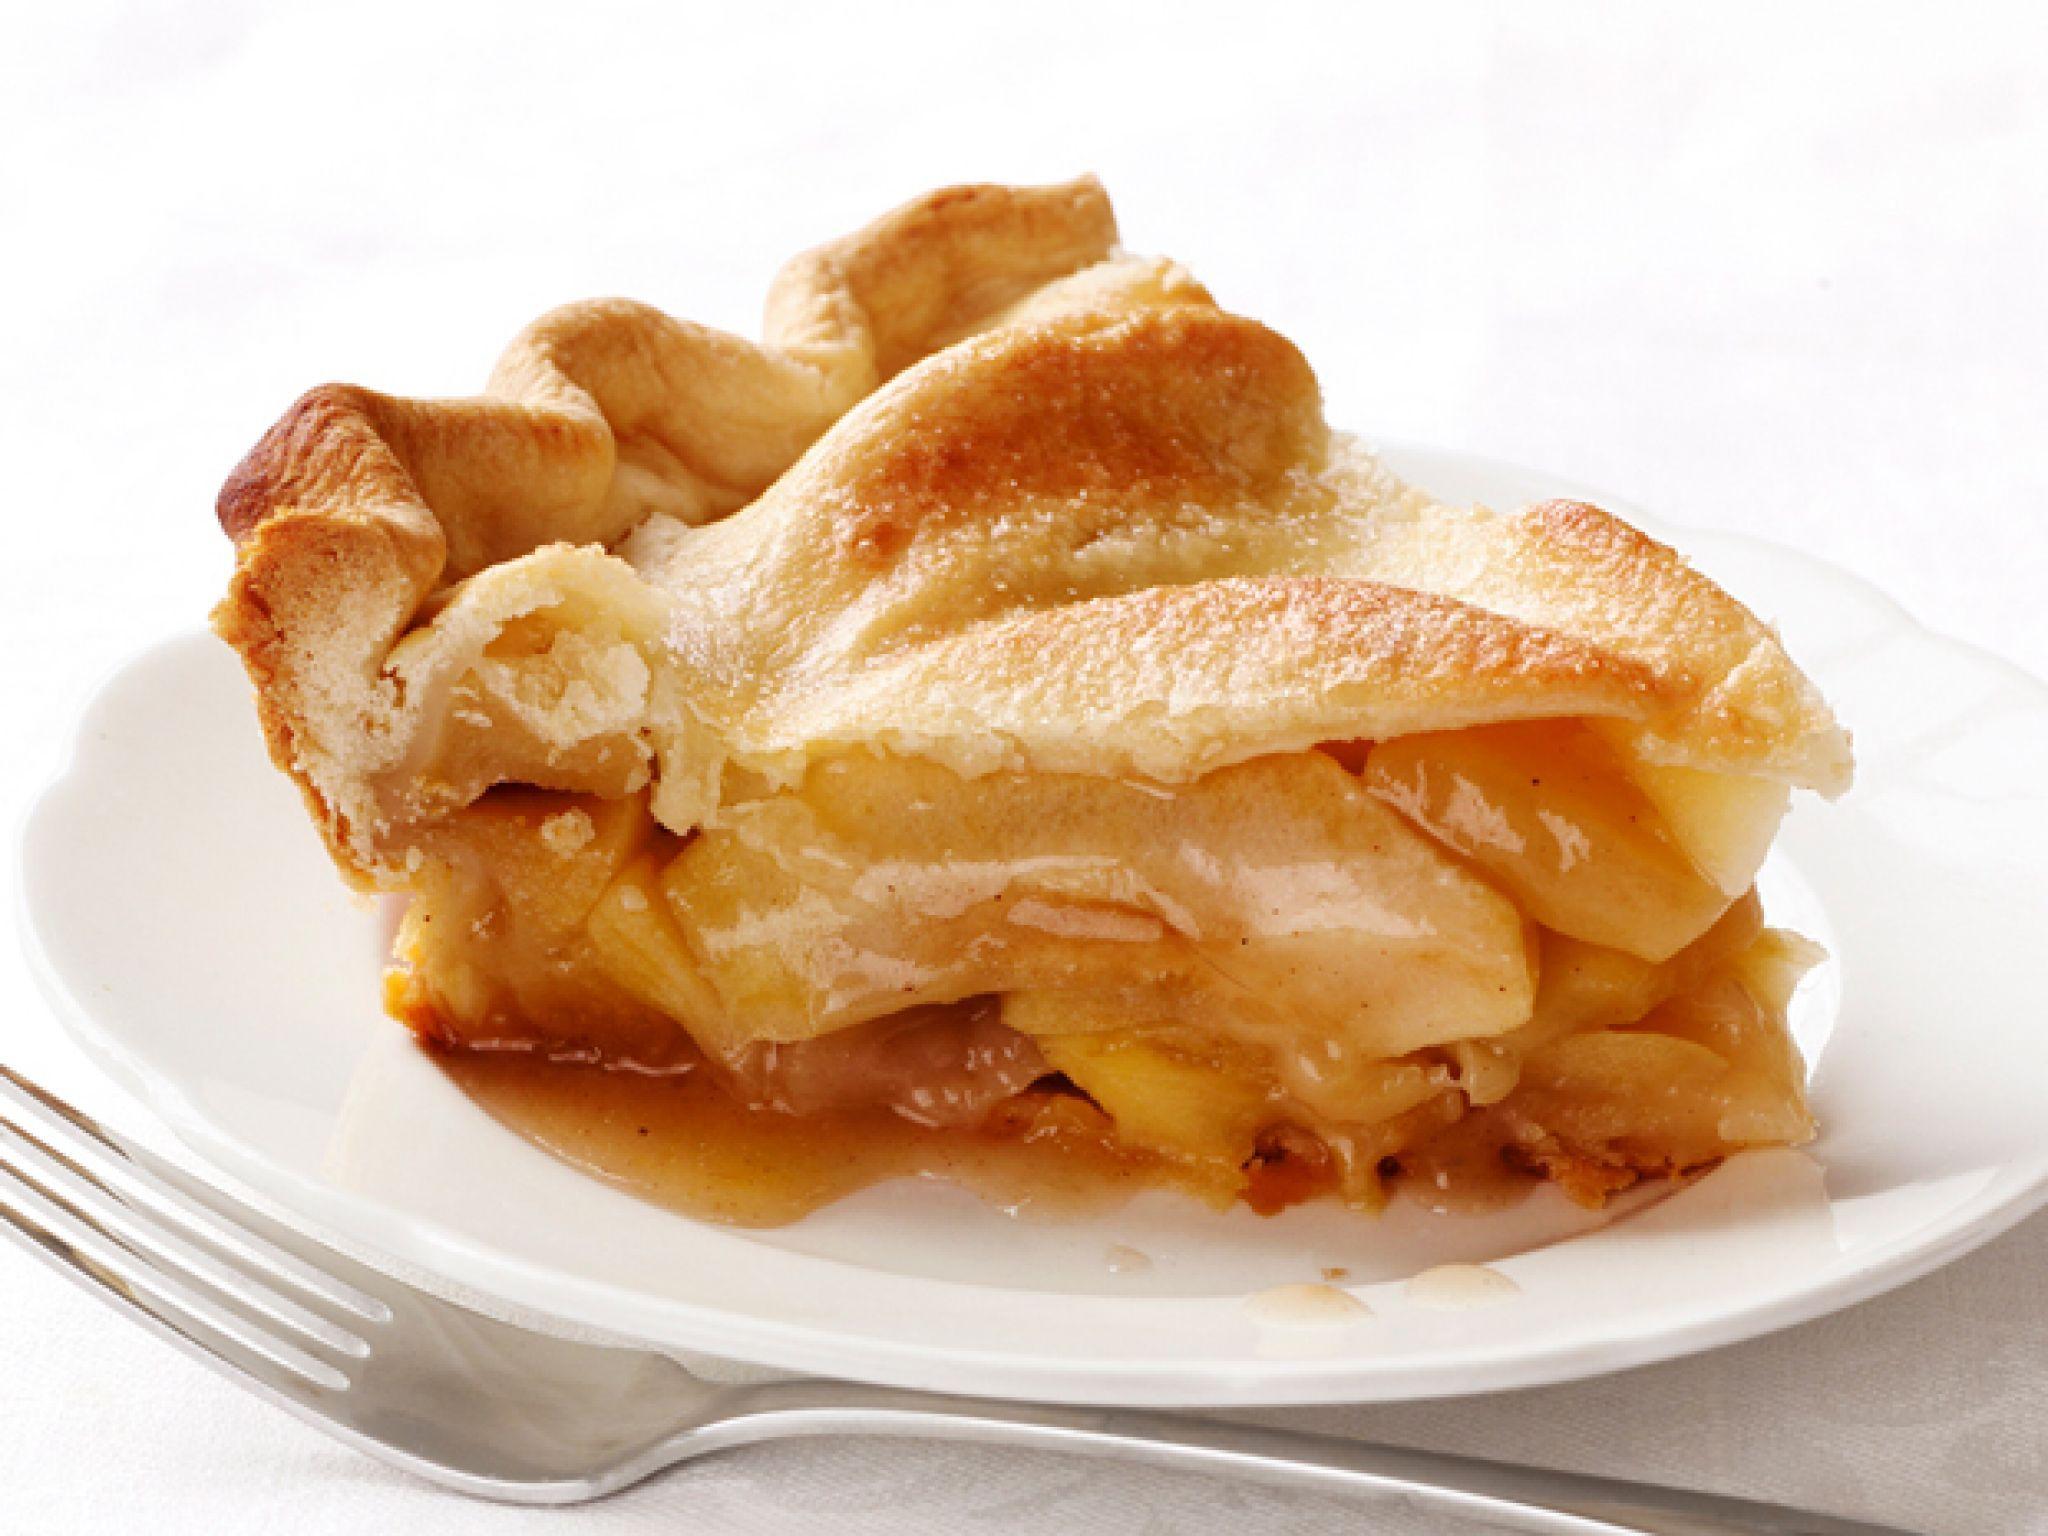 Best thanksgiving dessert recipes food network apple pie recipes best thanksgiving dessert recipes apple pie forumfinder Choice Image